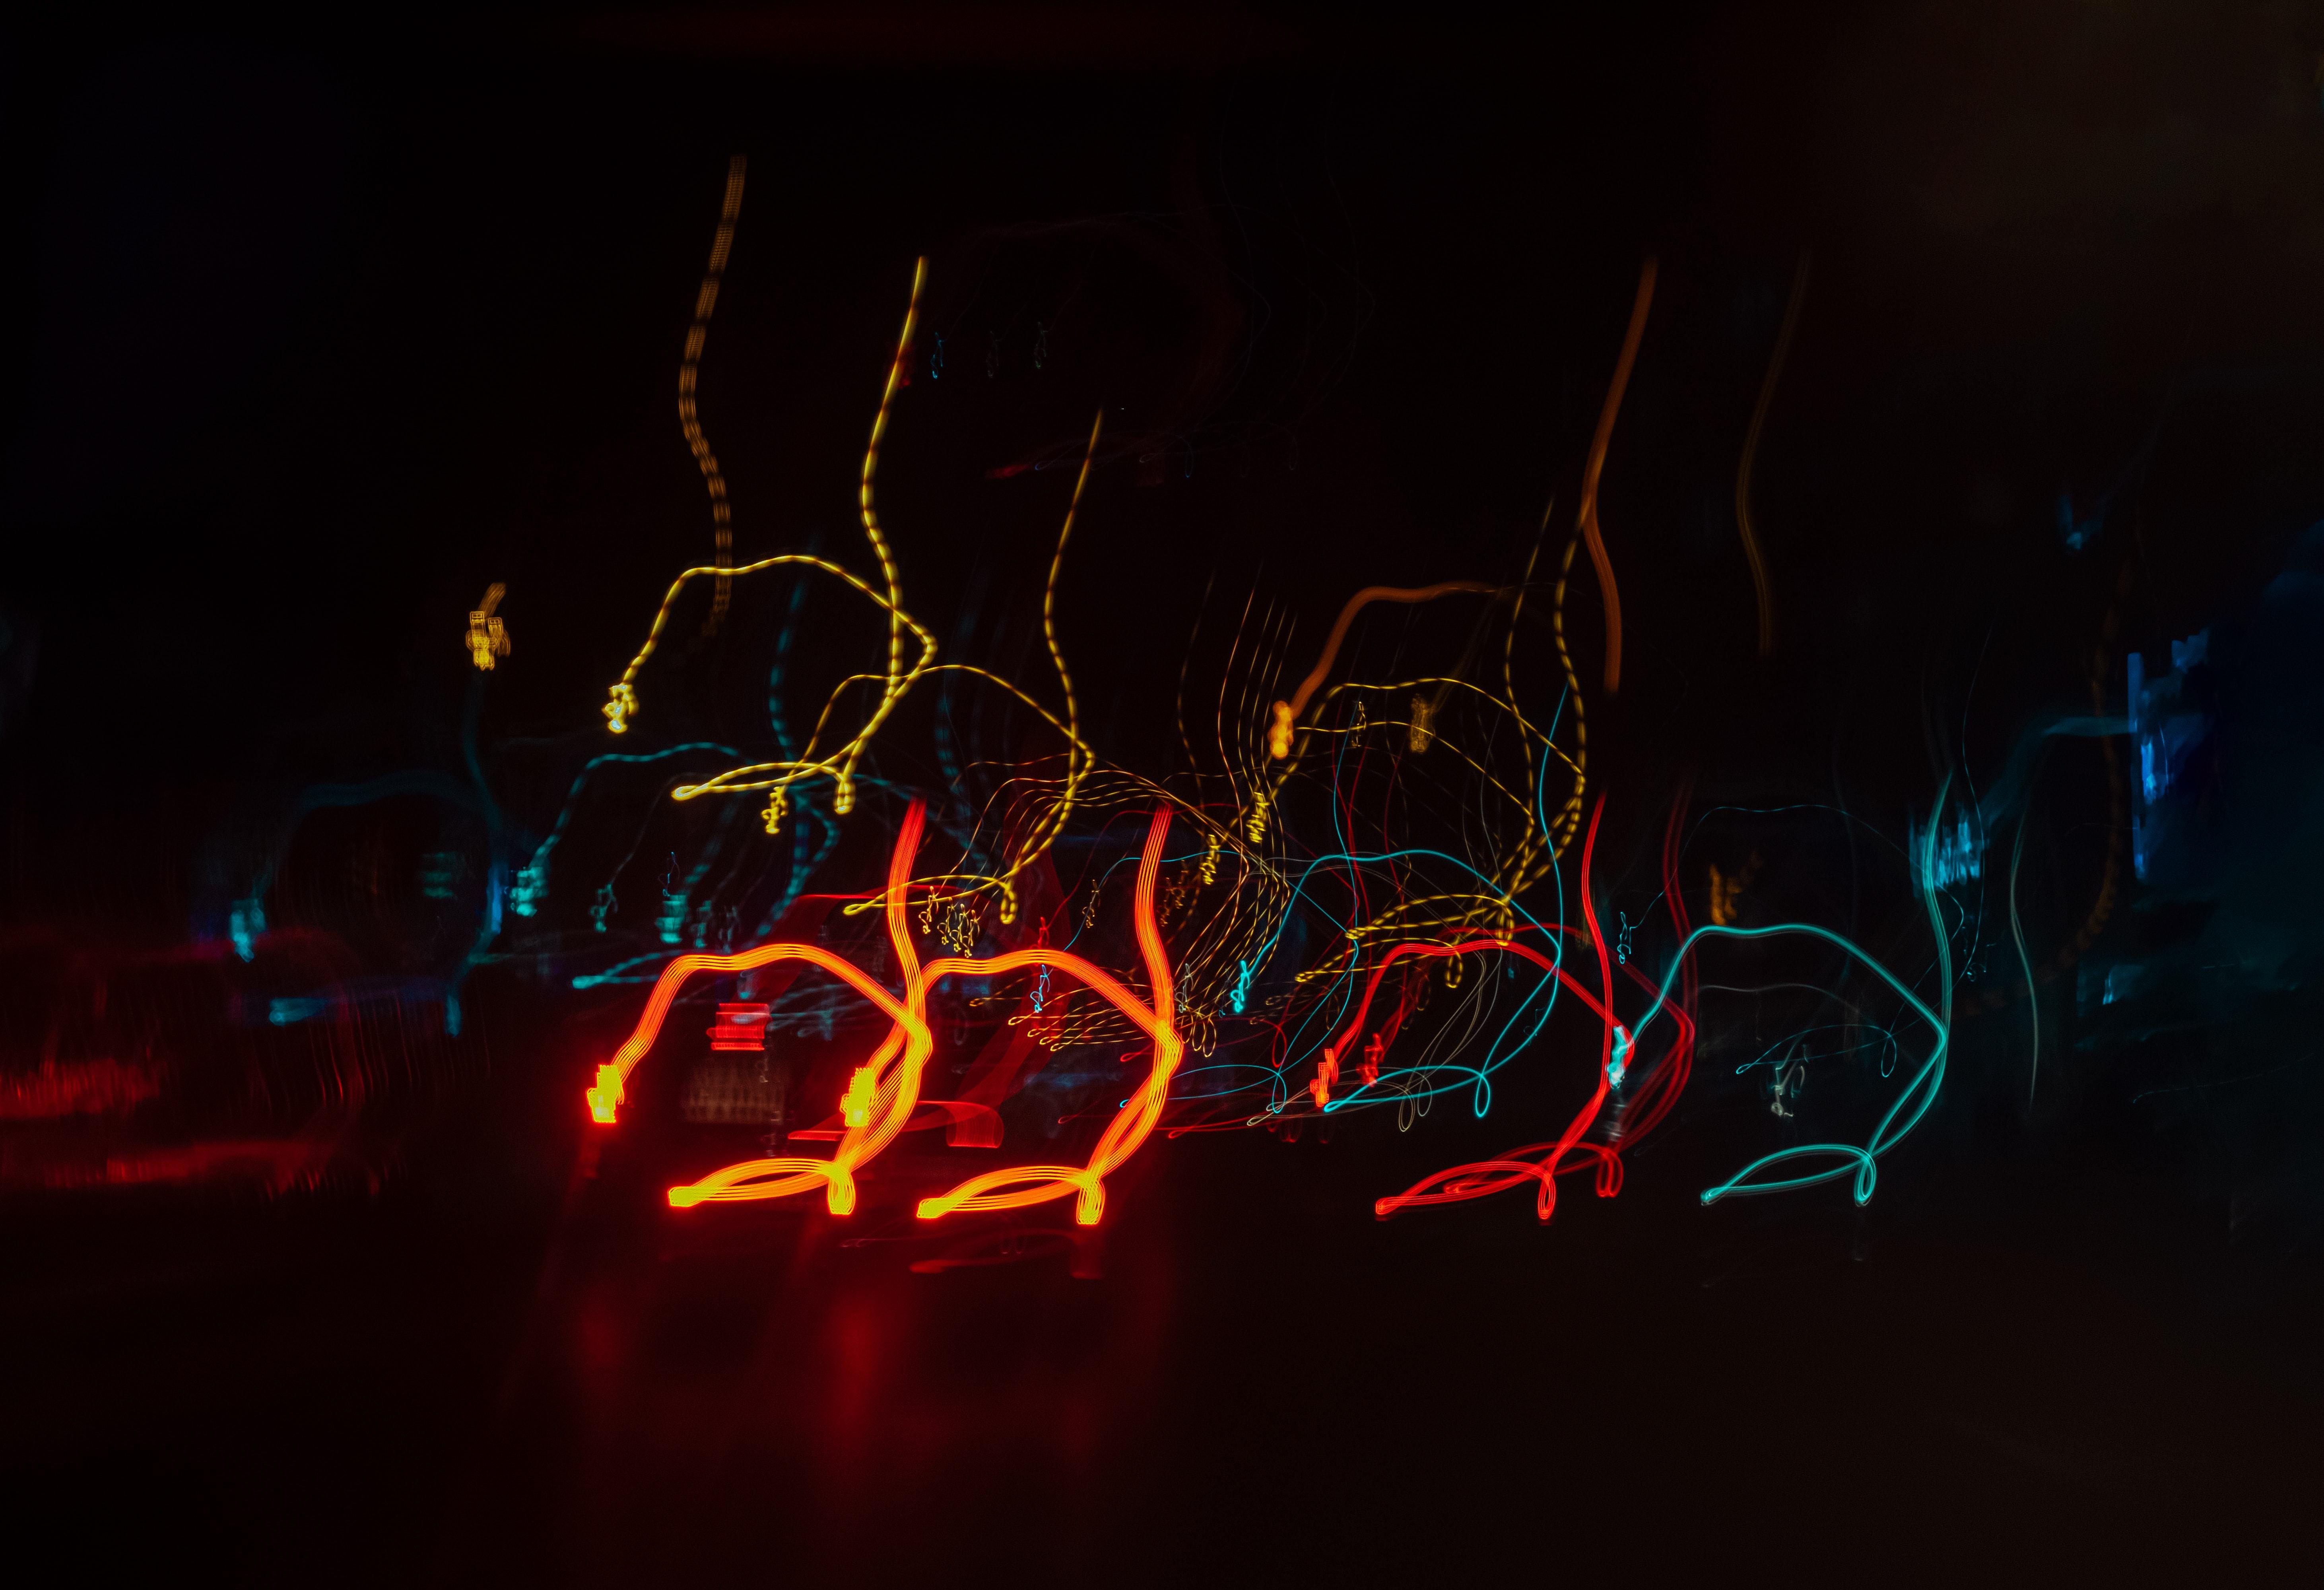 103008 fond d'écran 720x1280 sur votre téléphone gratuitement, téléchargez des images Abstrait, Briller, Lumière, Lignes, Flou, Lisse, Longue Exposition, Lueur 720x1280 sur votre mobile